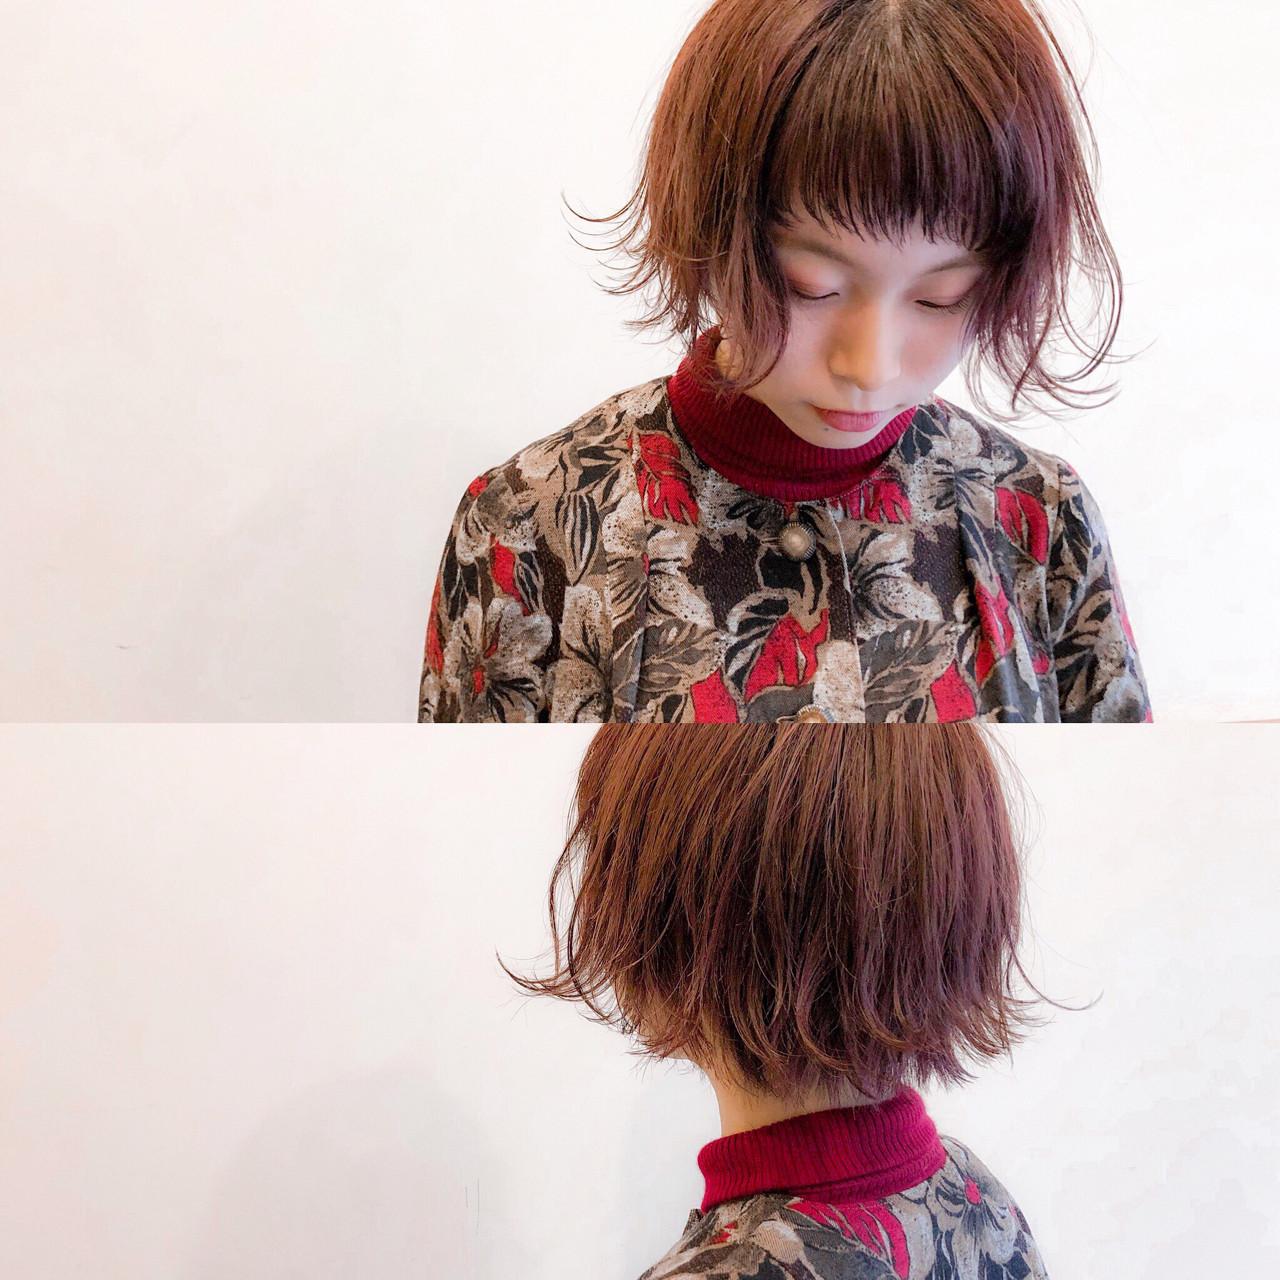 ピンク レッド 簡単ヘアアレンジ ヘアアレンジ ヘアスタイルや髪型の写真・画像 | 藤田 悠輔 / Pas de trois(パドトロワ)